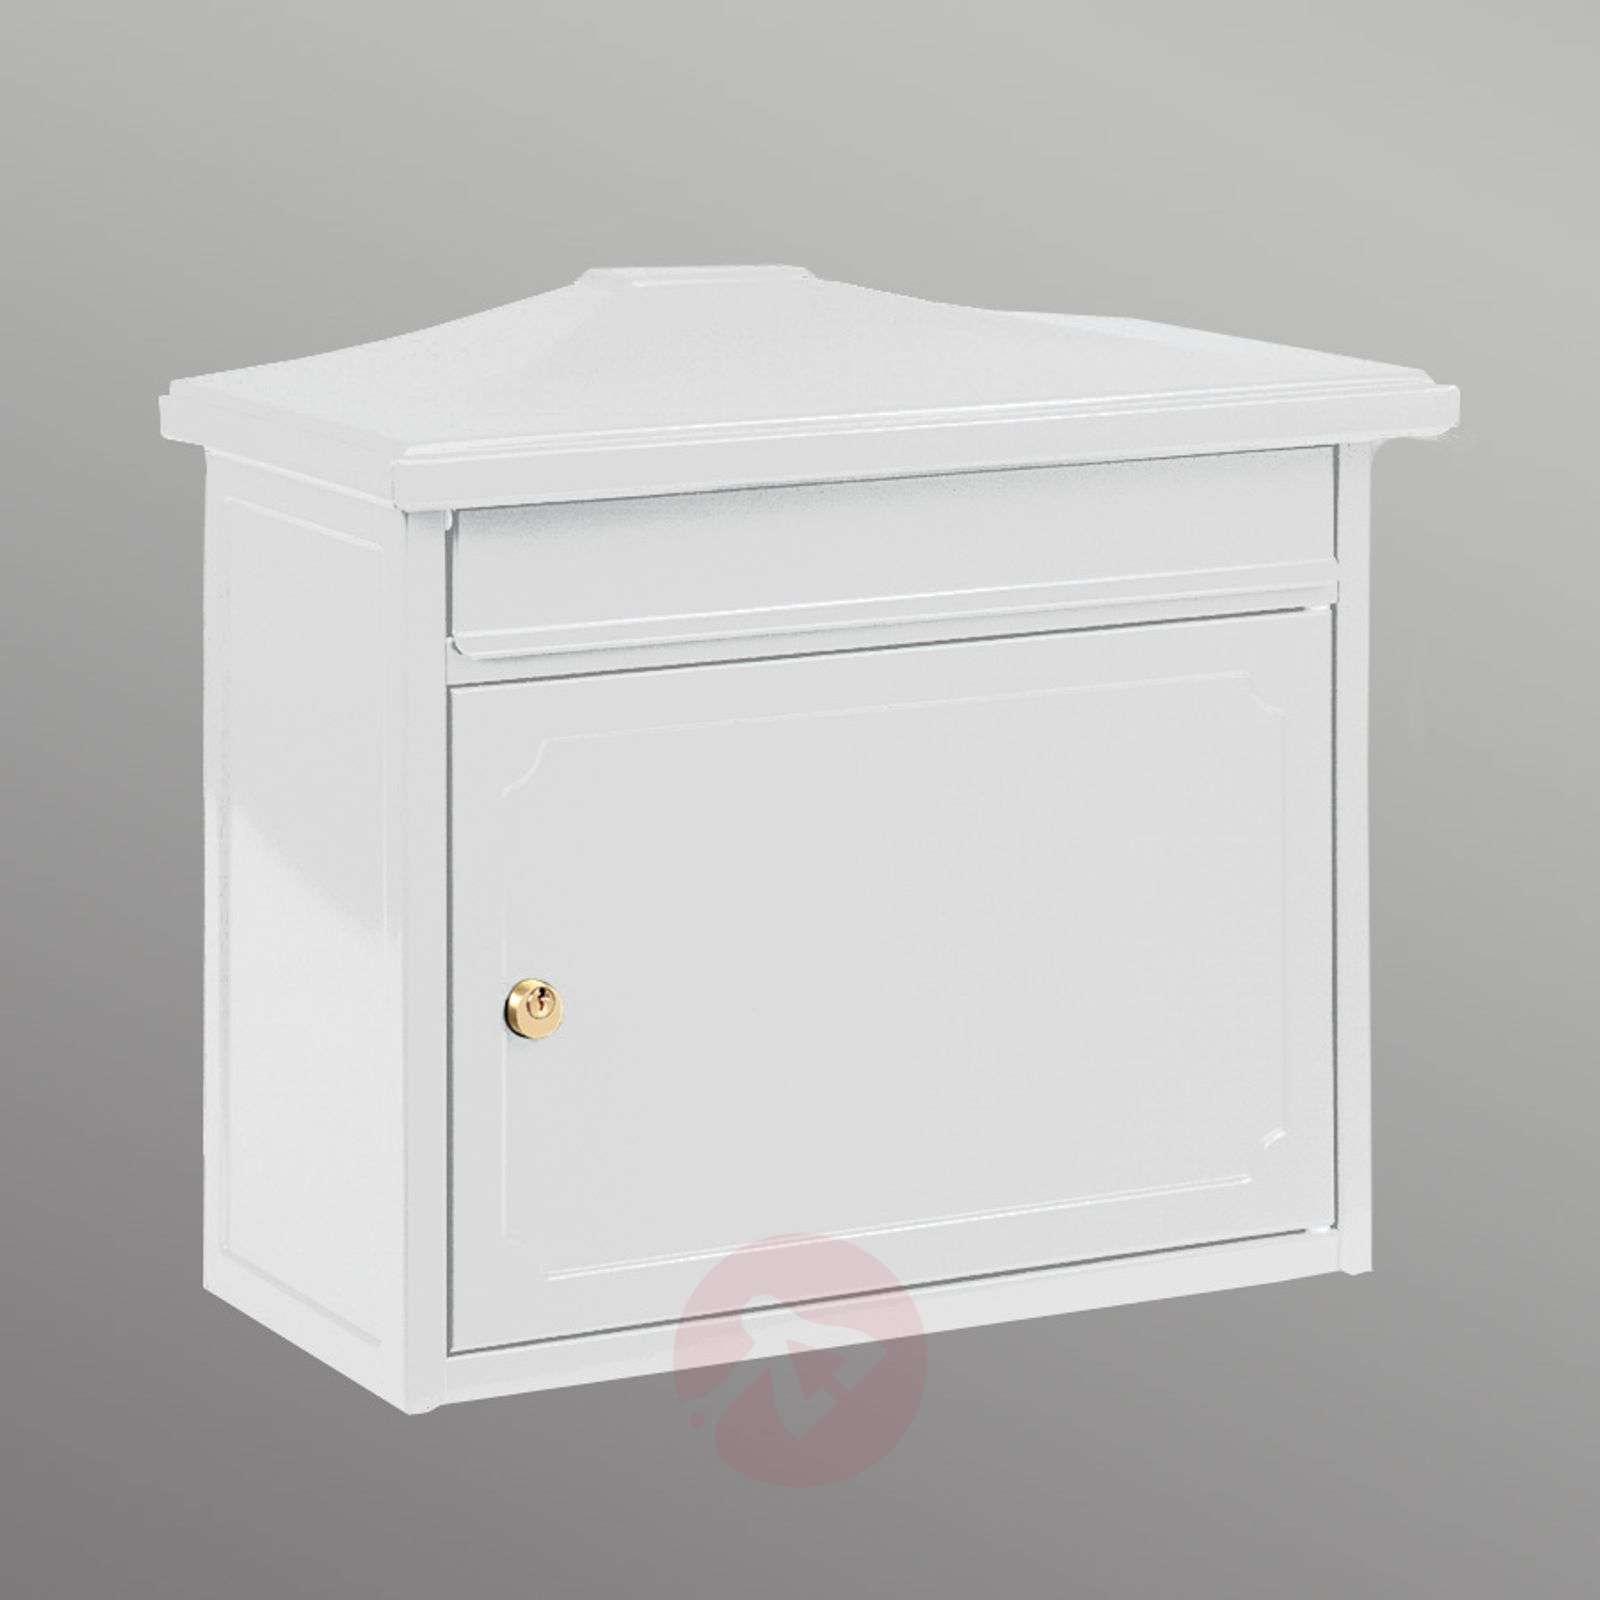 Copenhagen letter box-1532055X-01